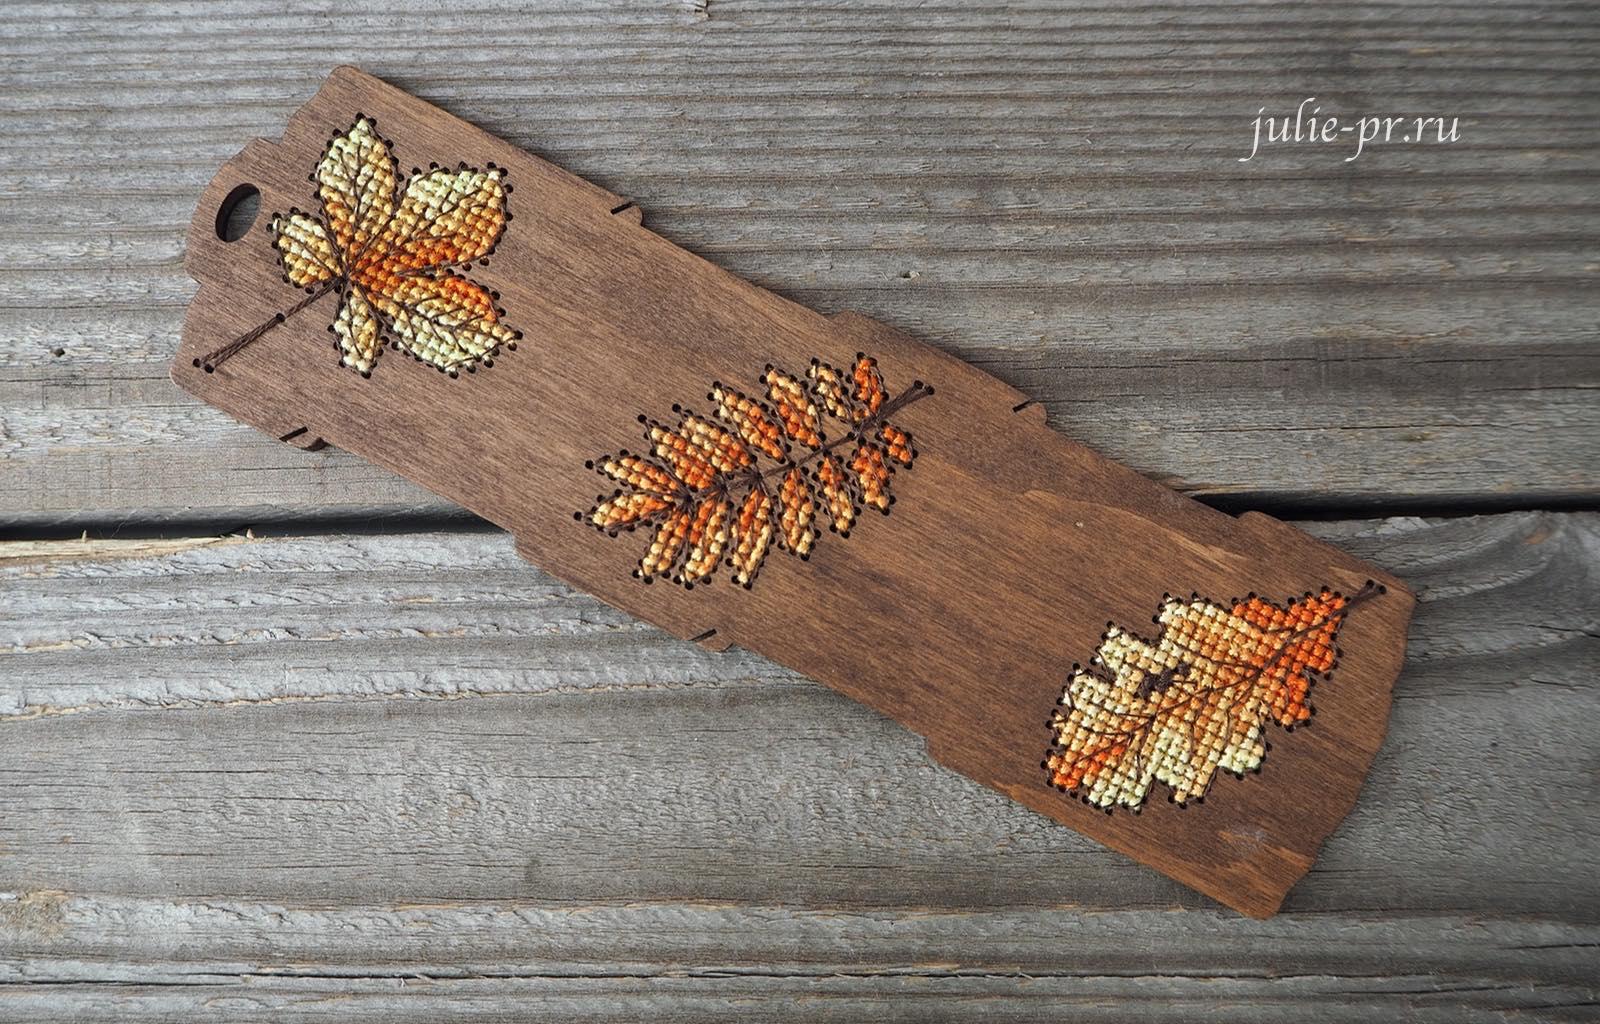 деревянная бобинка Евгении Колесниковой, вышивка крестом по дереву, осенние листья, осень